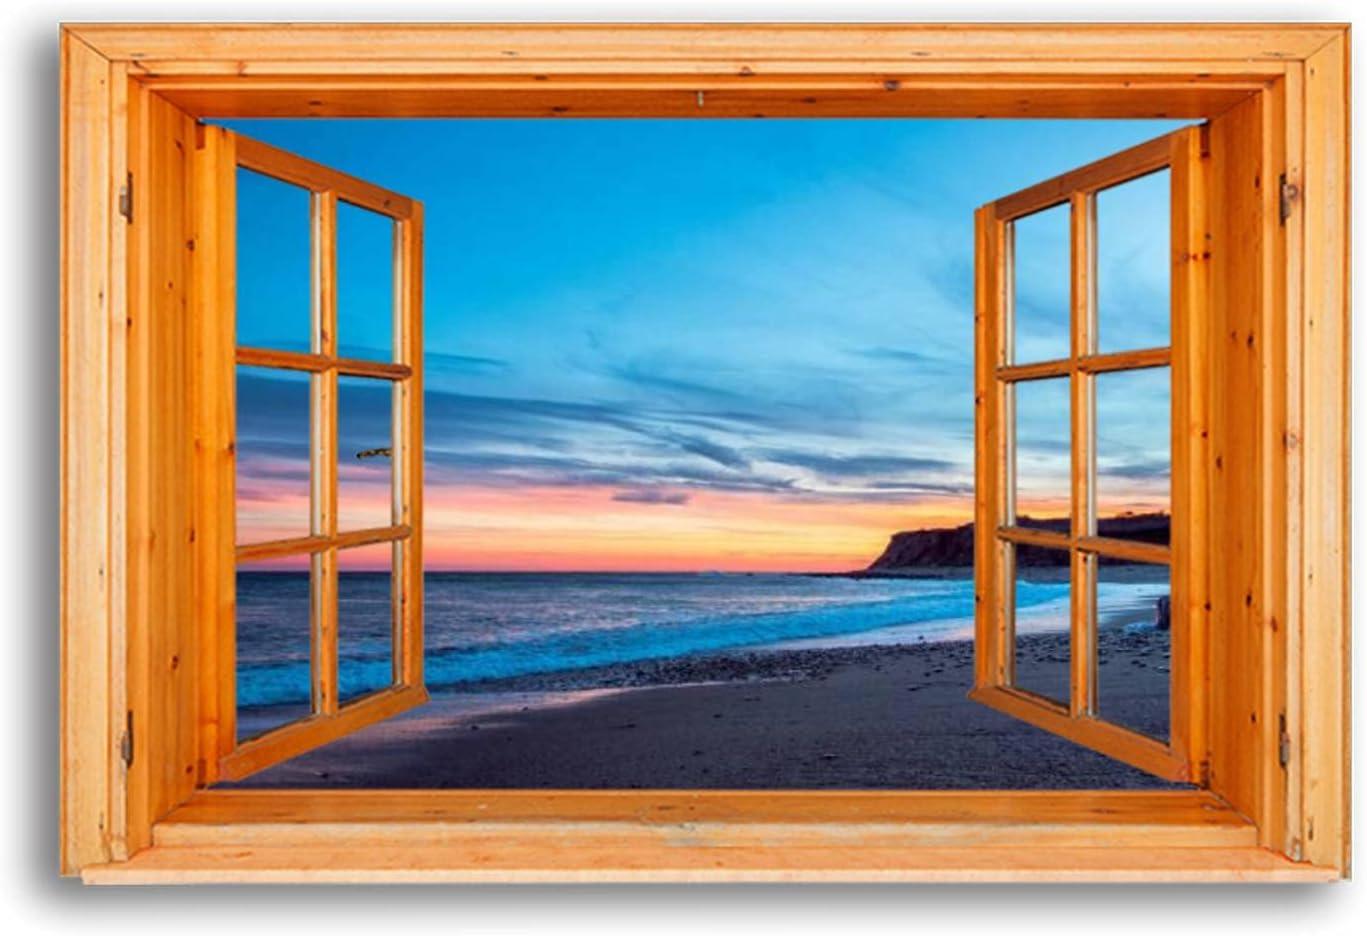 Canvas Wall Art Regular dealer Winter Sunset Excellent on Pictures Wal Ocean Framed Beach